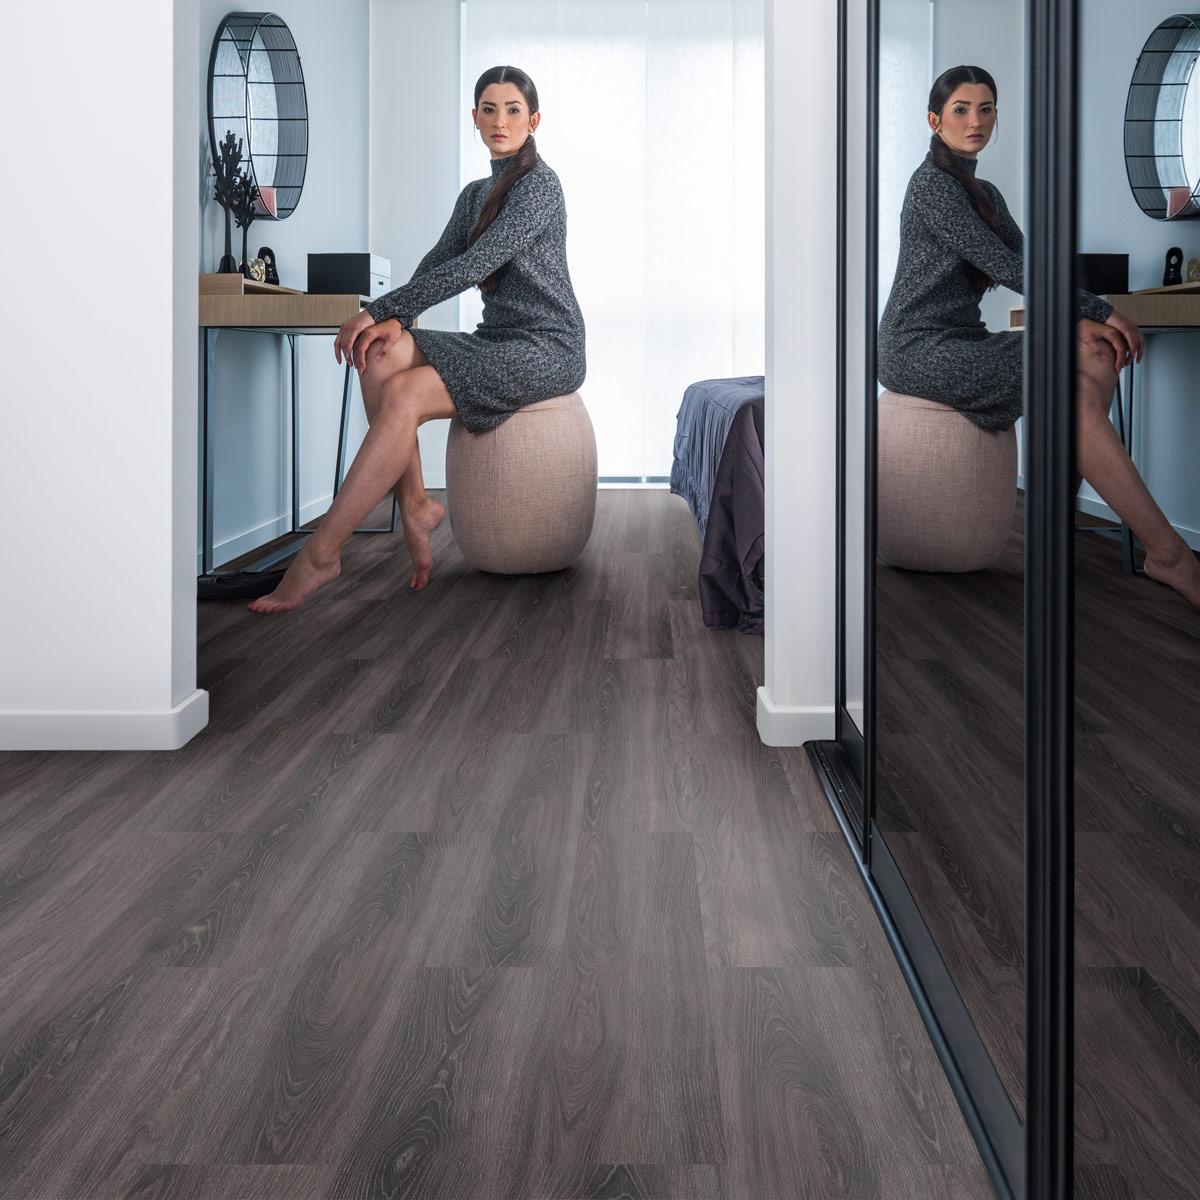 wineo Bodenbelag im Schlafzimmer mit Frau und eleganter Einrichtung